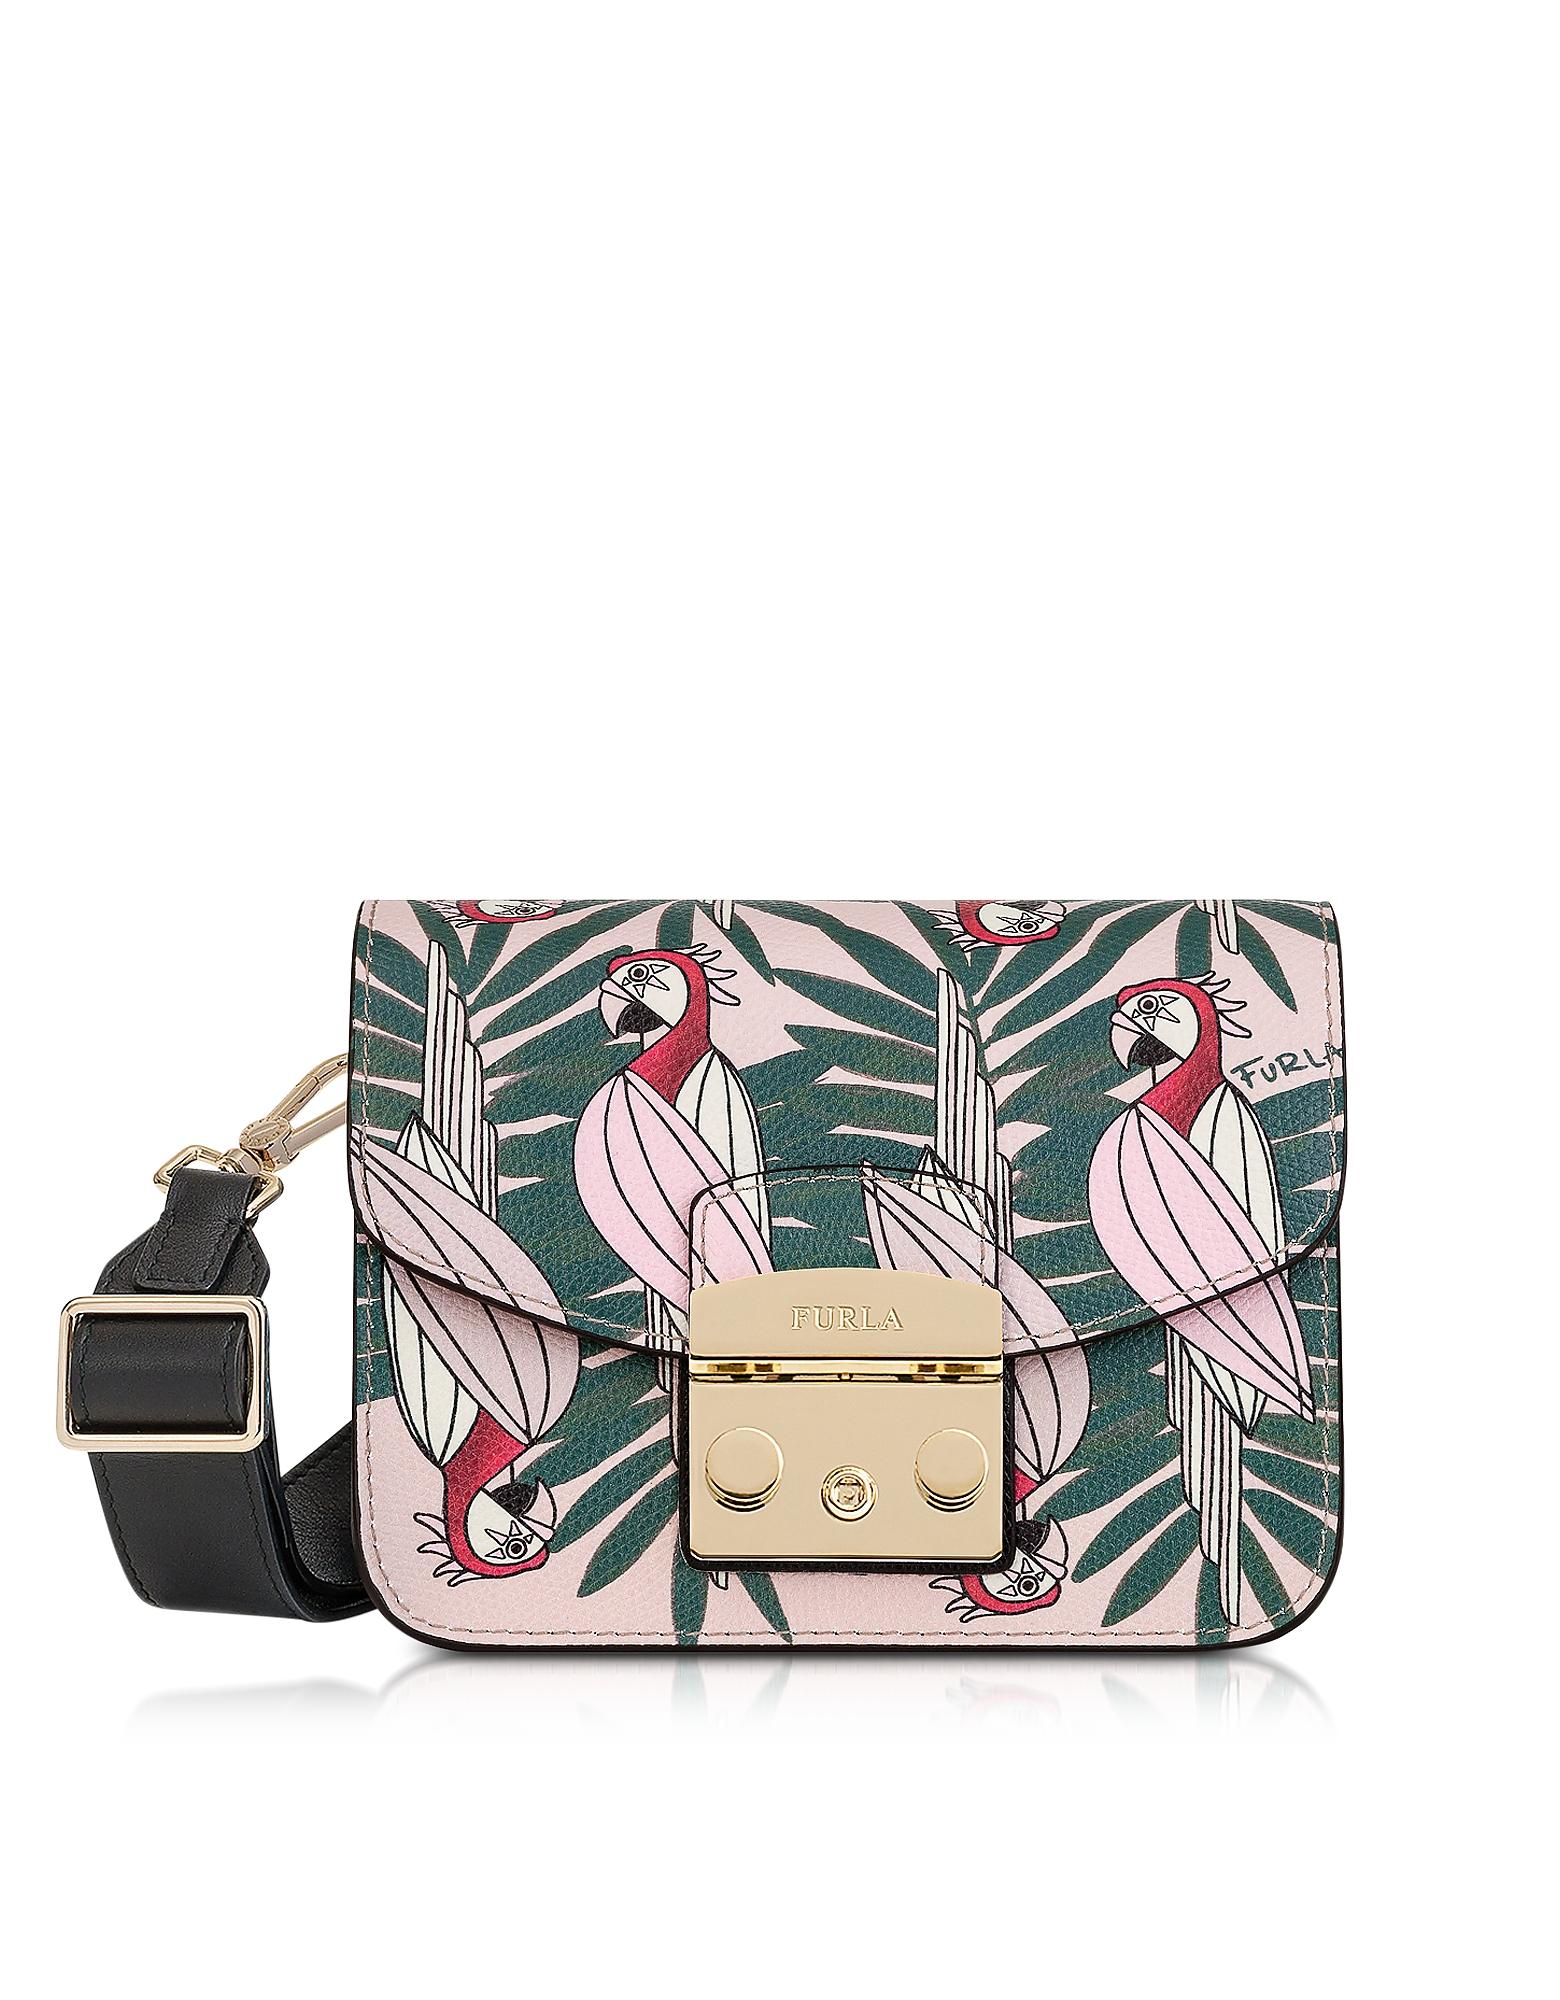 Furla Handbags, Toni Rosa Metropolis Mini Crossbody Bag